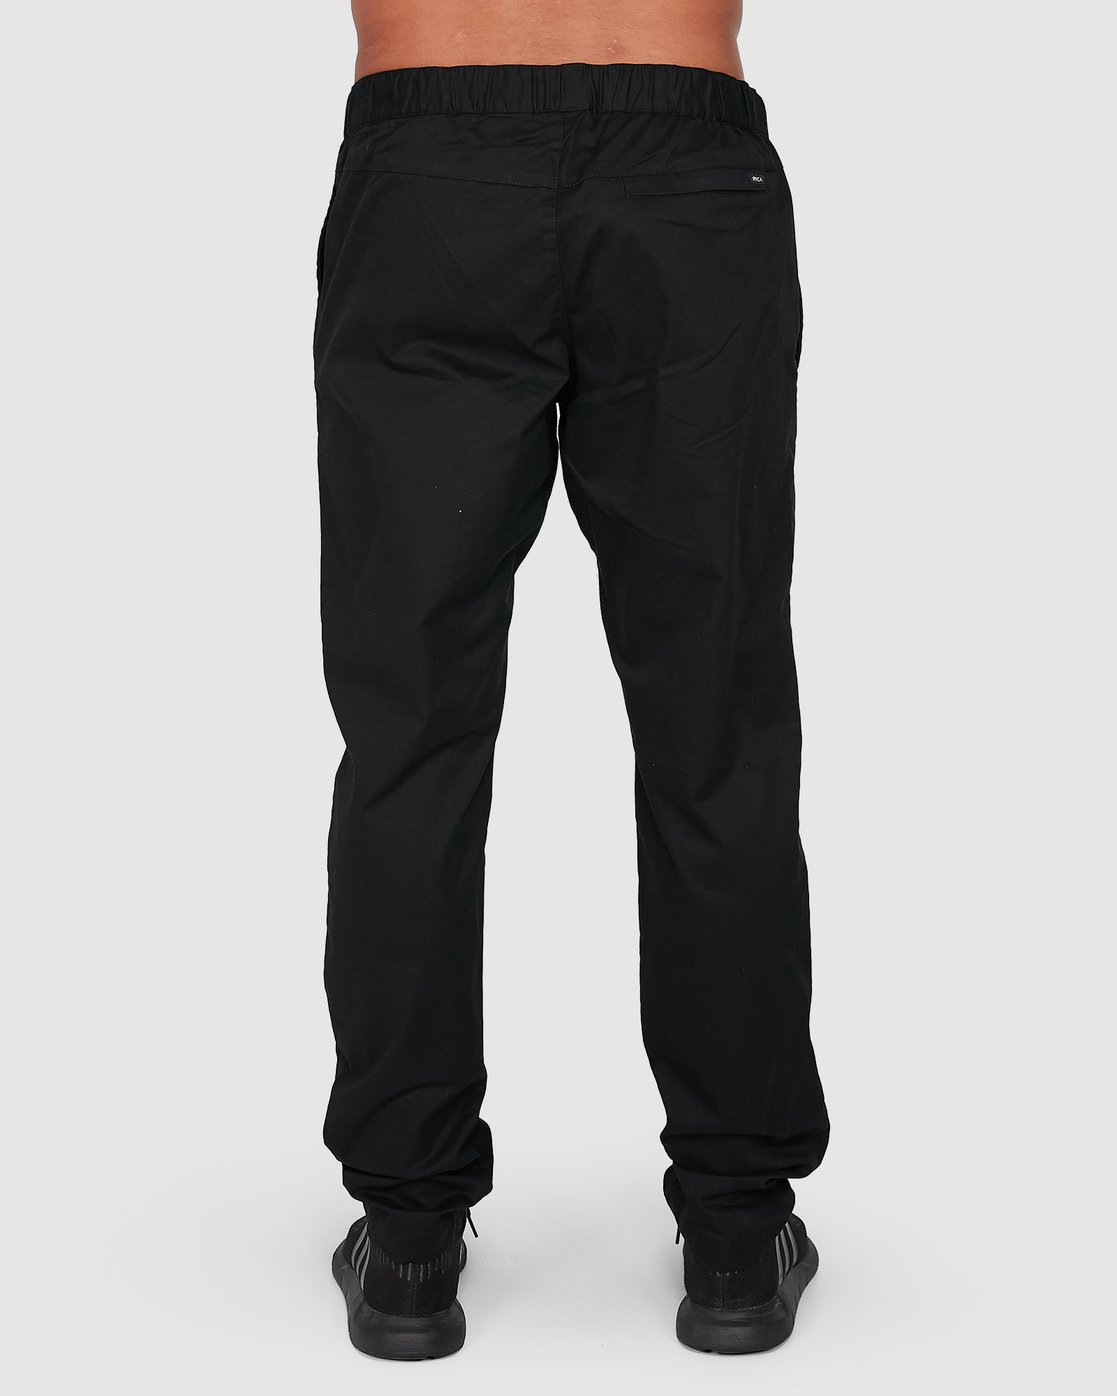 2 Spectrum Iil Pants Black R391274 RVCA